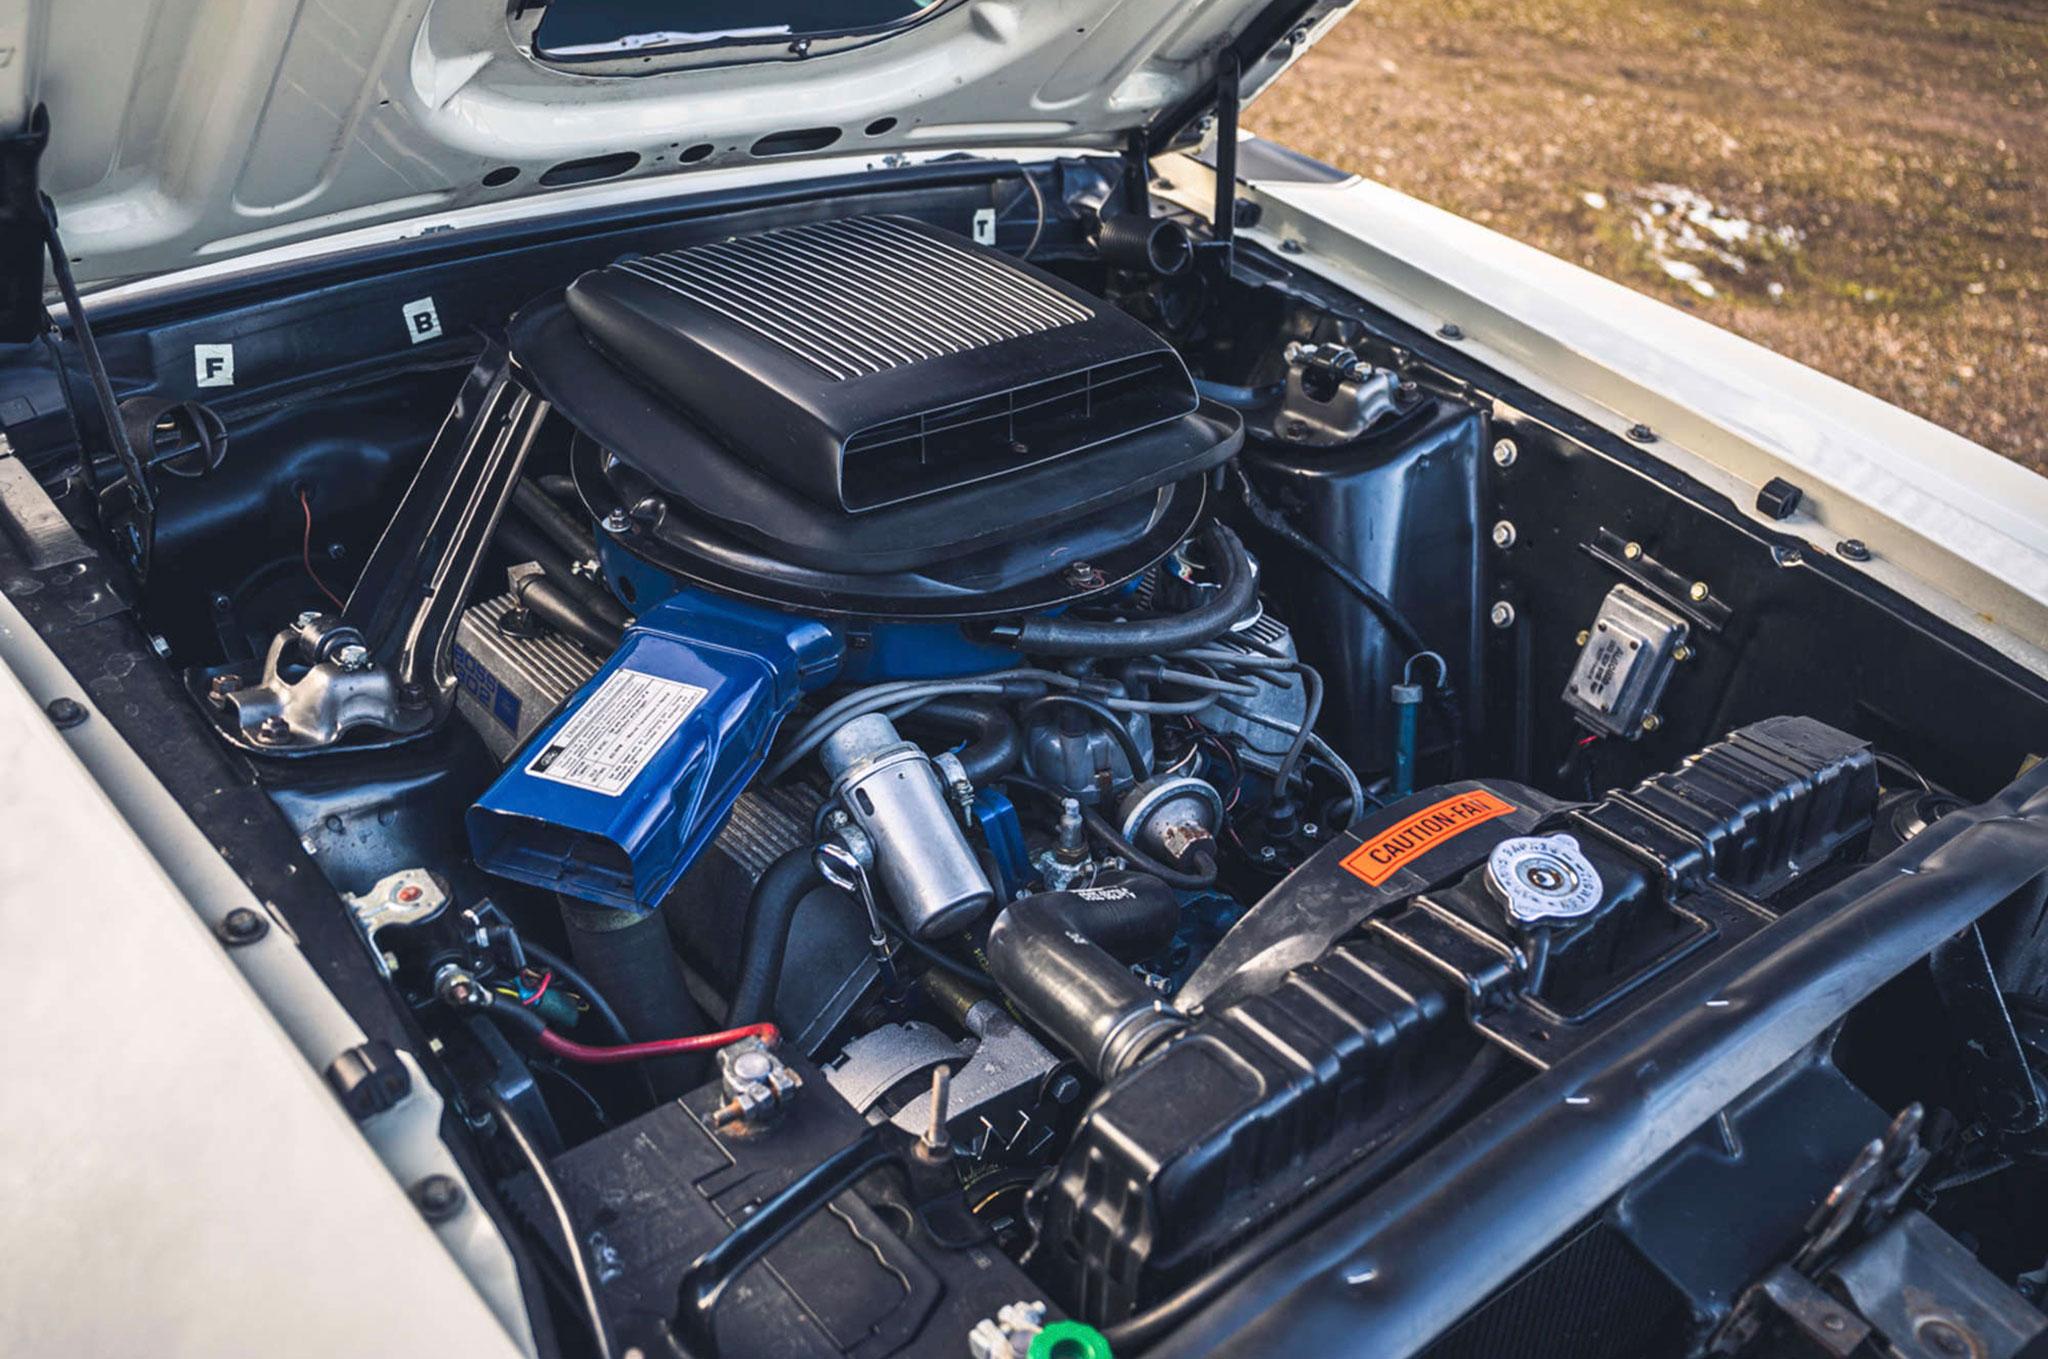 1970 Ford Mustang Boss 302 vue du moteur V8 302ci.